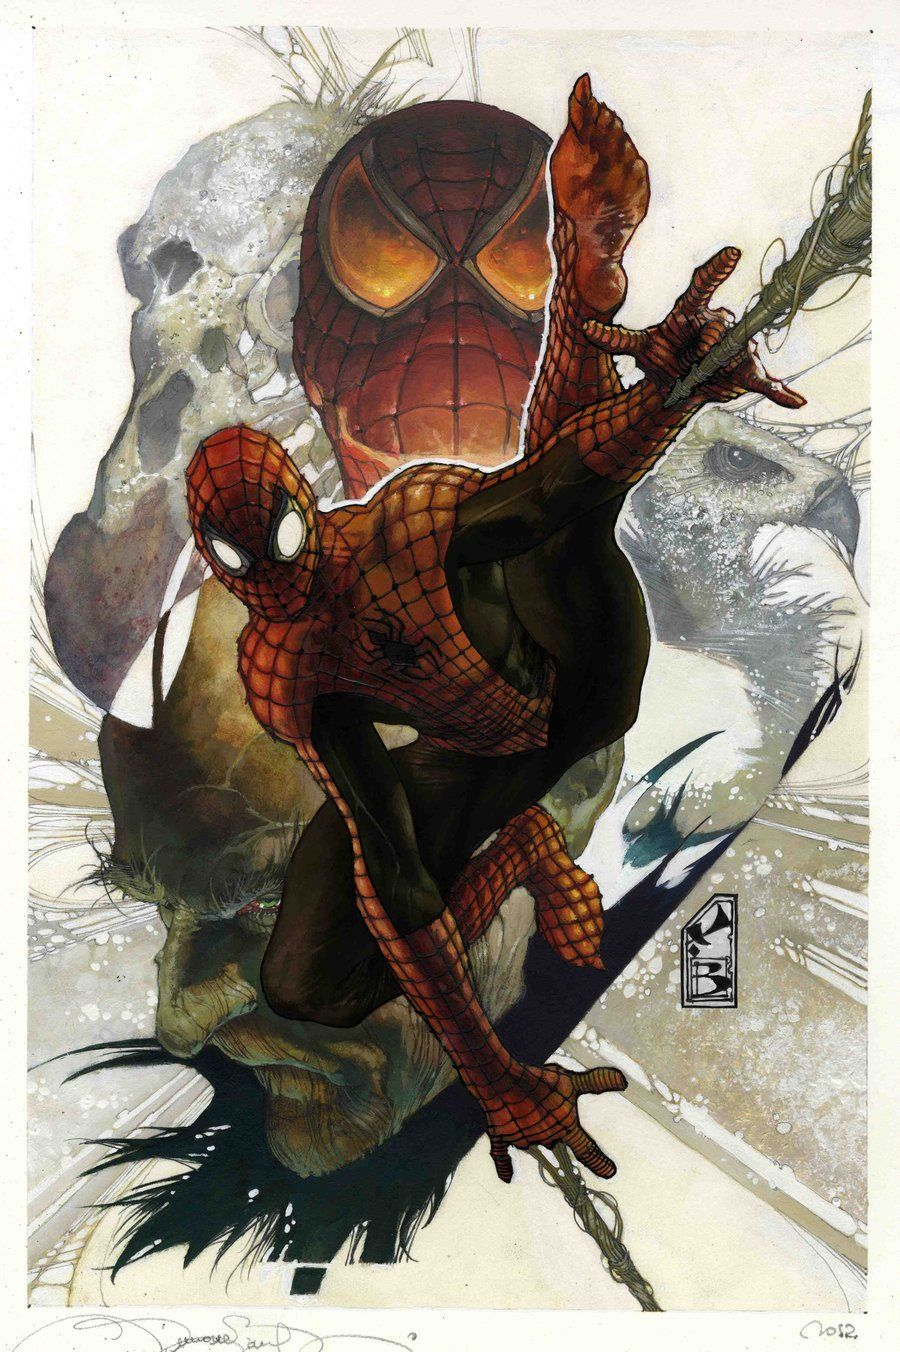 #Superior #Spiderman #Fan #Art.  (Superior Spider Man) By: Simone Bianchi. ÅWESOMENESS!!!™ ÅÅÅ+